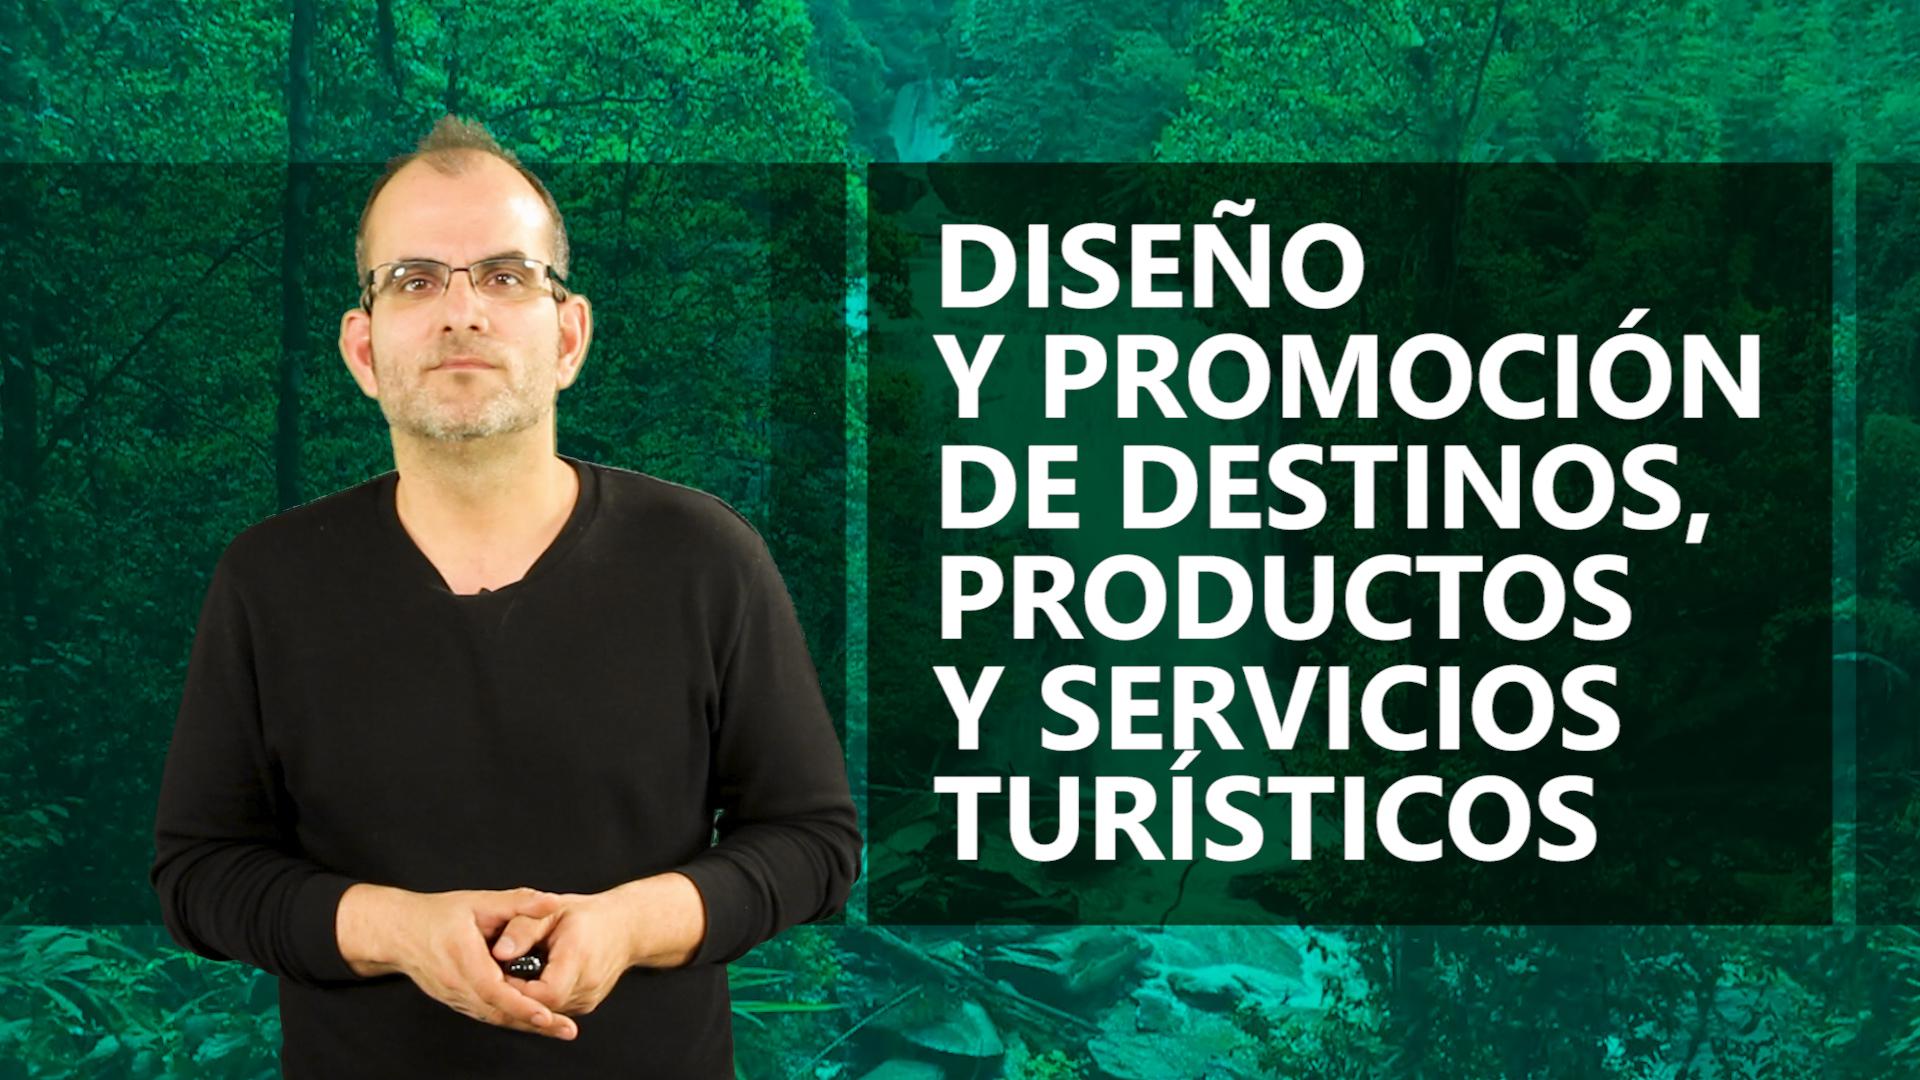 Curso de Diseño, Promoción y Comercialización de Destinos, Productos y/o Servicios Turísticos